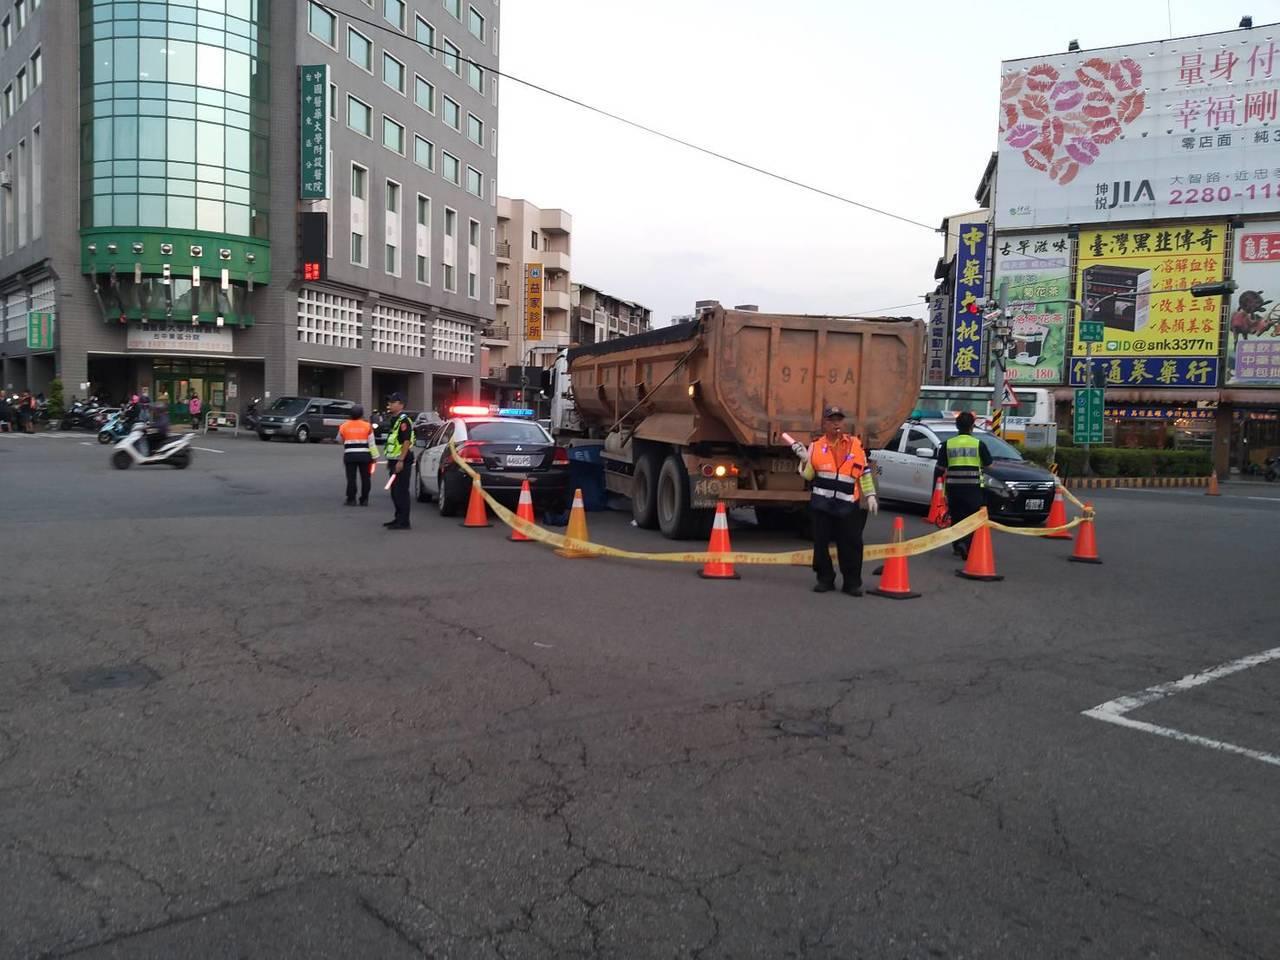 台中市東區自由路、建成路今天下午4時許傳出死亡車禍,吳姓男子駕駛的砂石車輾過一名...